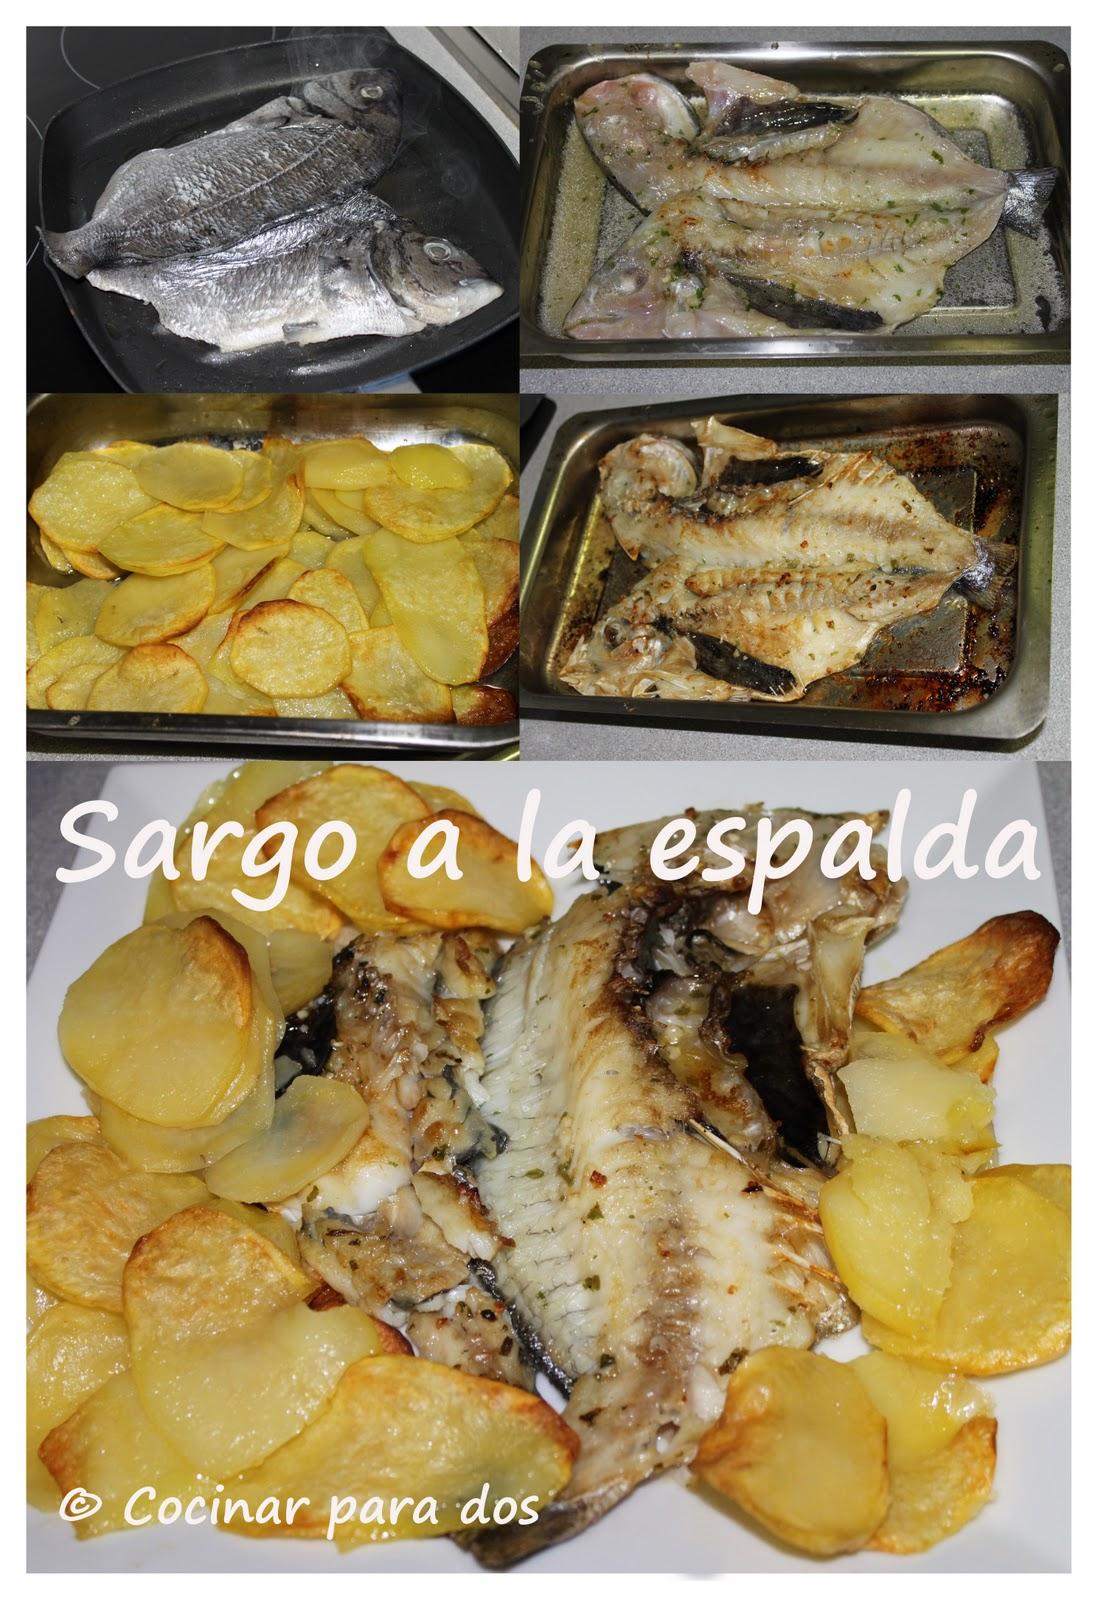 Beaufiful cocinar sargo images gallery toca cocinar que hago sargo al horno la sopa gansa - Menu comedores ugr ...